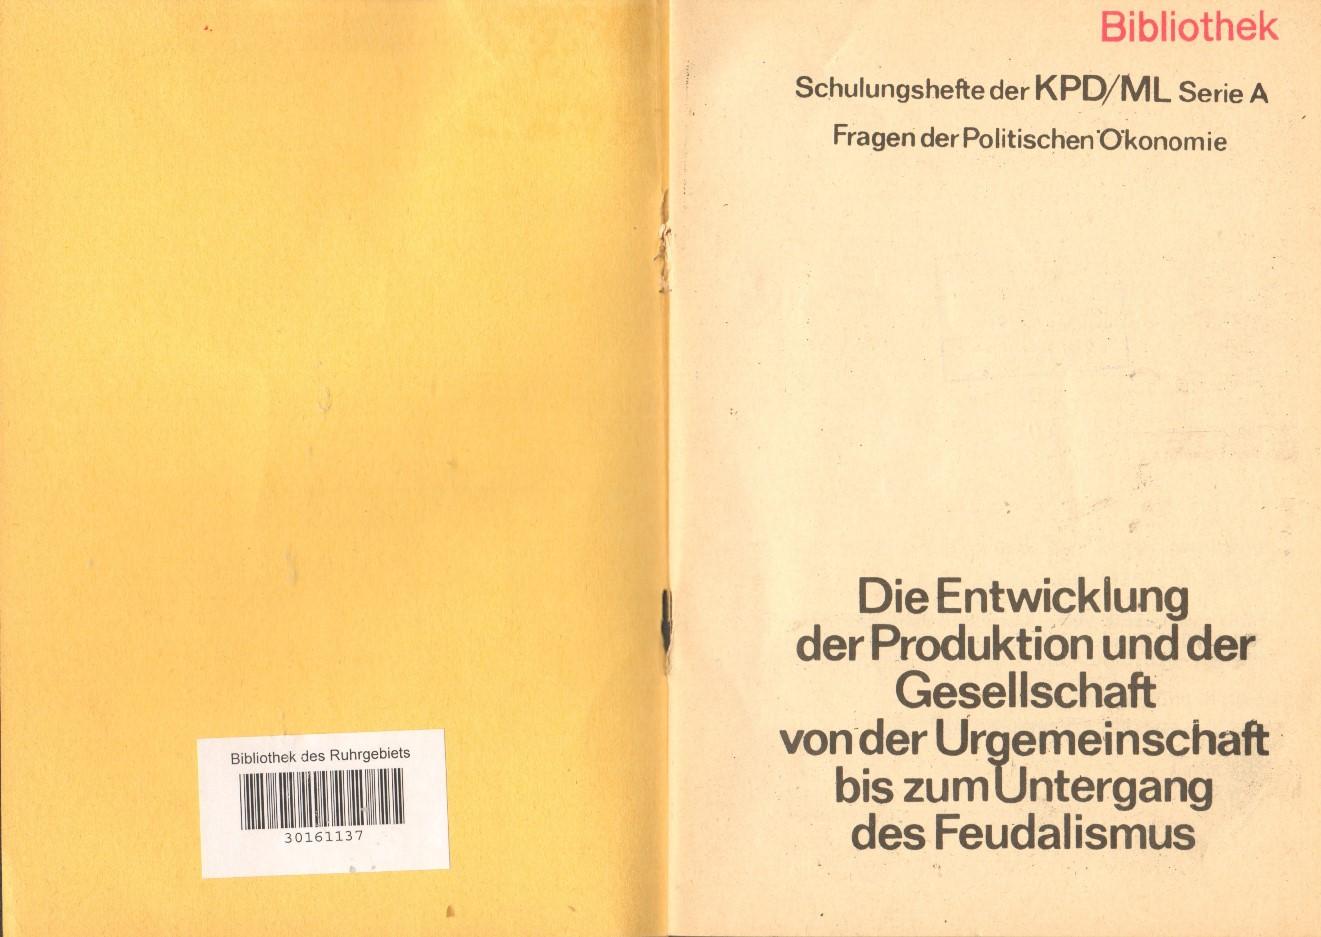 ZB_Schulungsheft_Serie_A_Nr_01_02